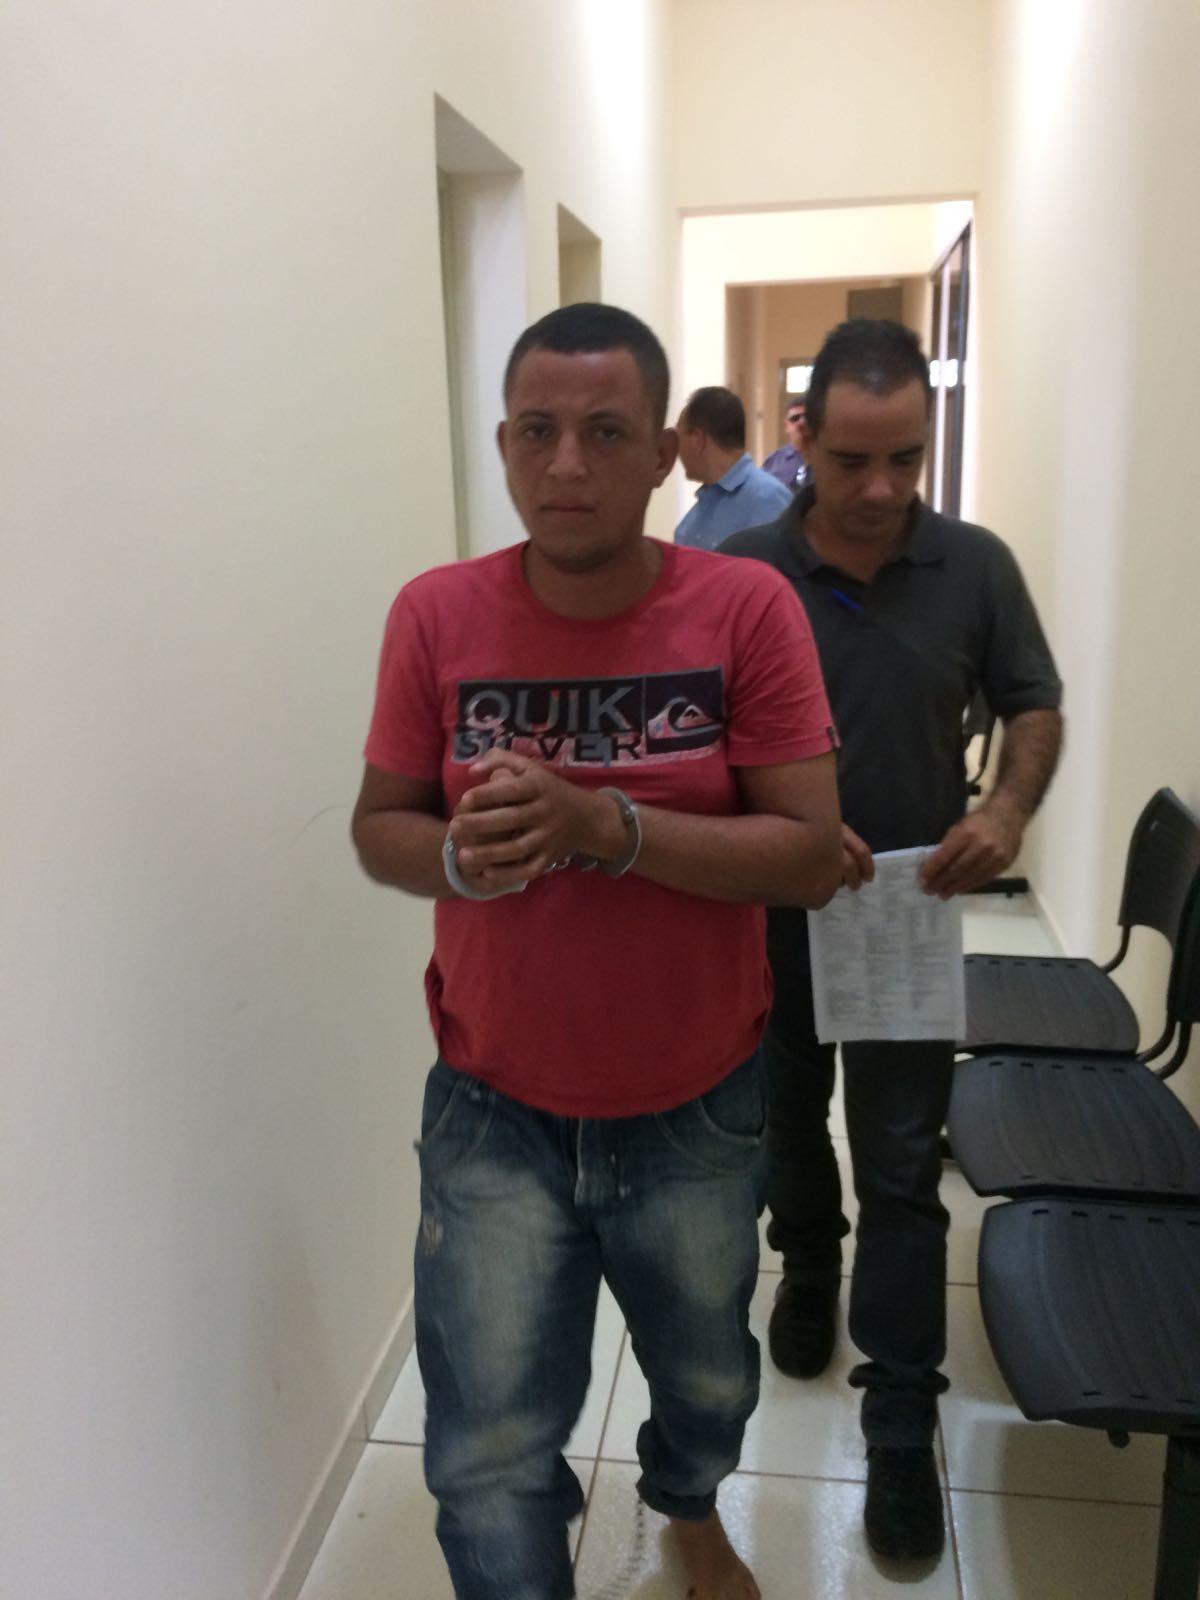 Rapaz foi preso em seguida e a polícia descobriu que o criminoso é filho de um vereador de Guariba